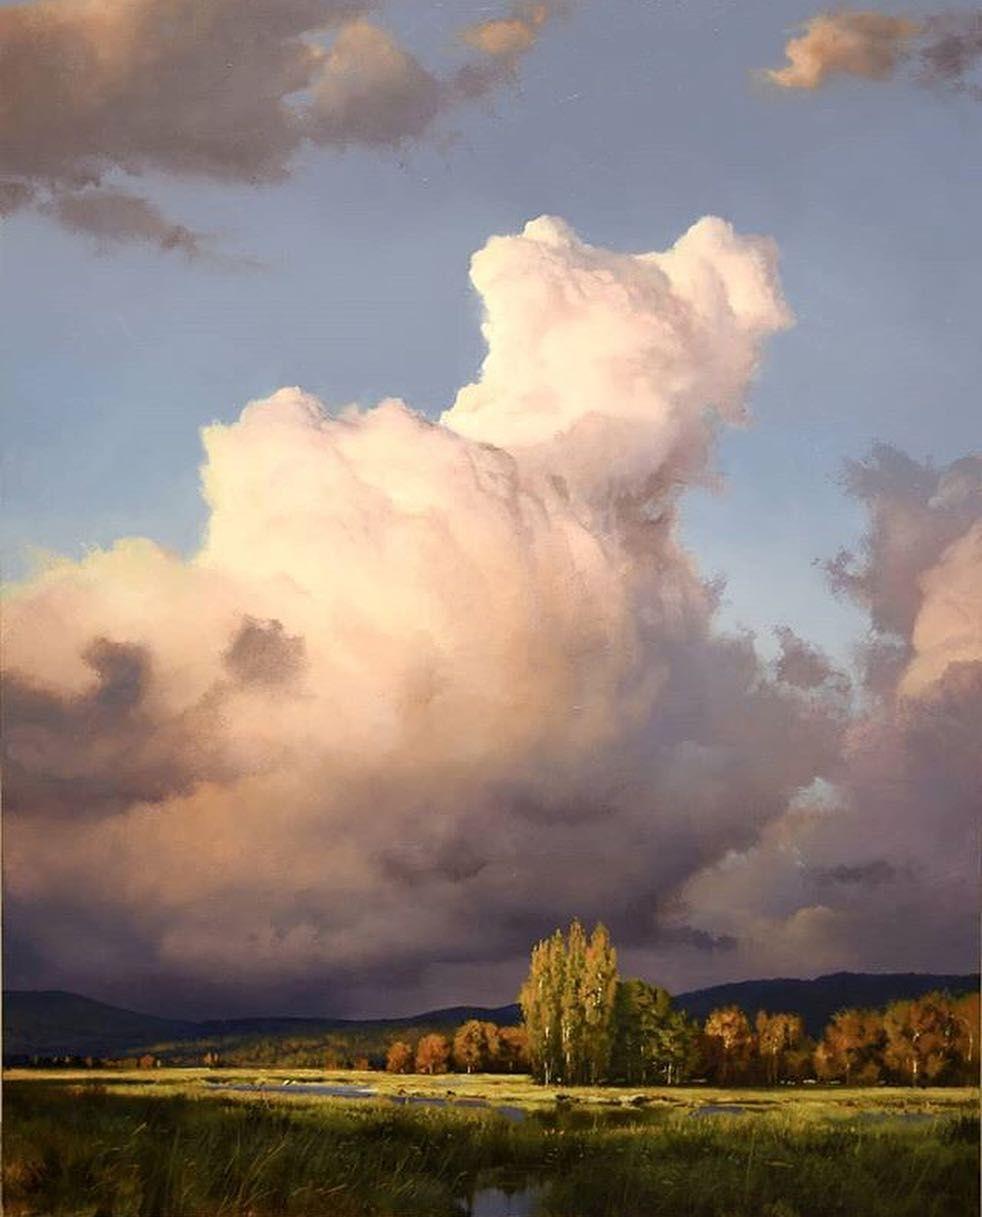 Trek Lexington On Instagram Landscapes By Renatomuccillo Fine Arts Landscape Paintings Oil Painting Landscape Sky Painting